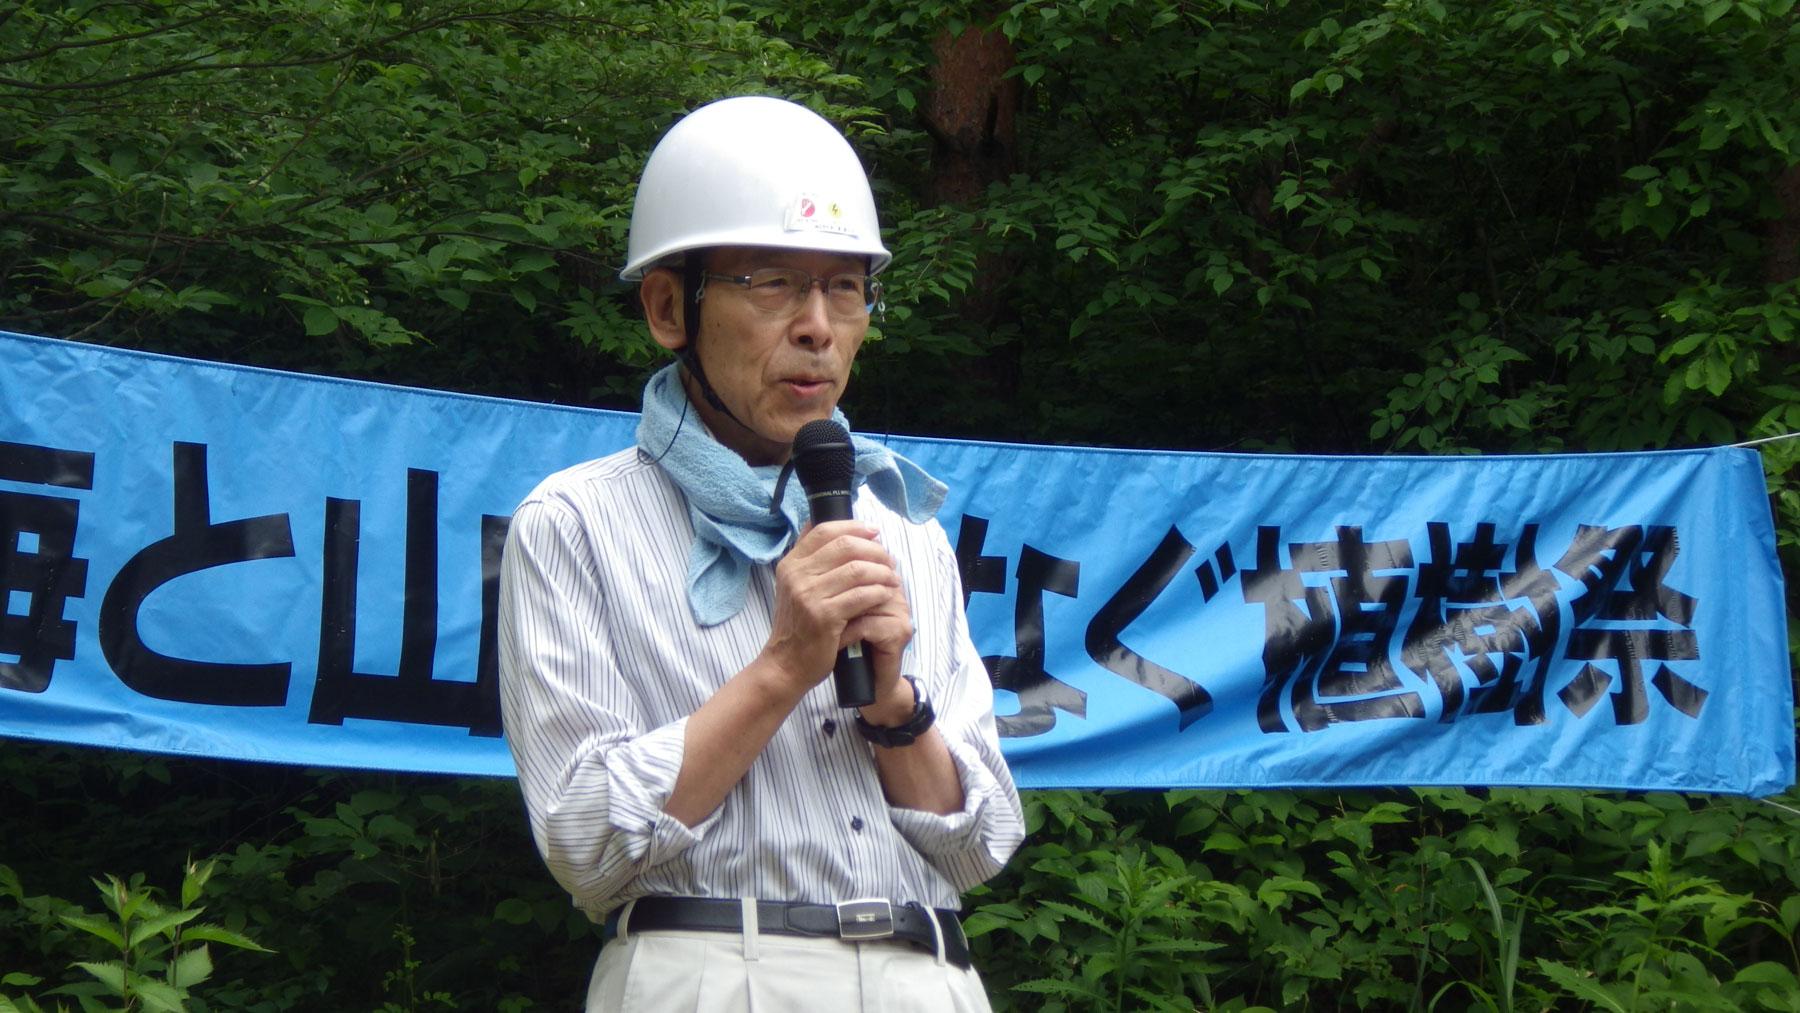 お話しする名古屋大学名誉教授 岩坂泰信名誉教授